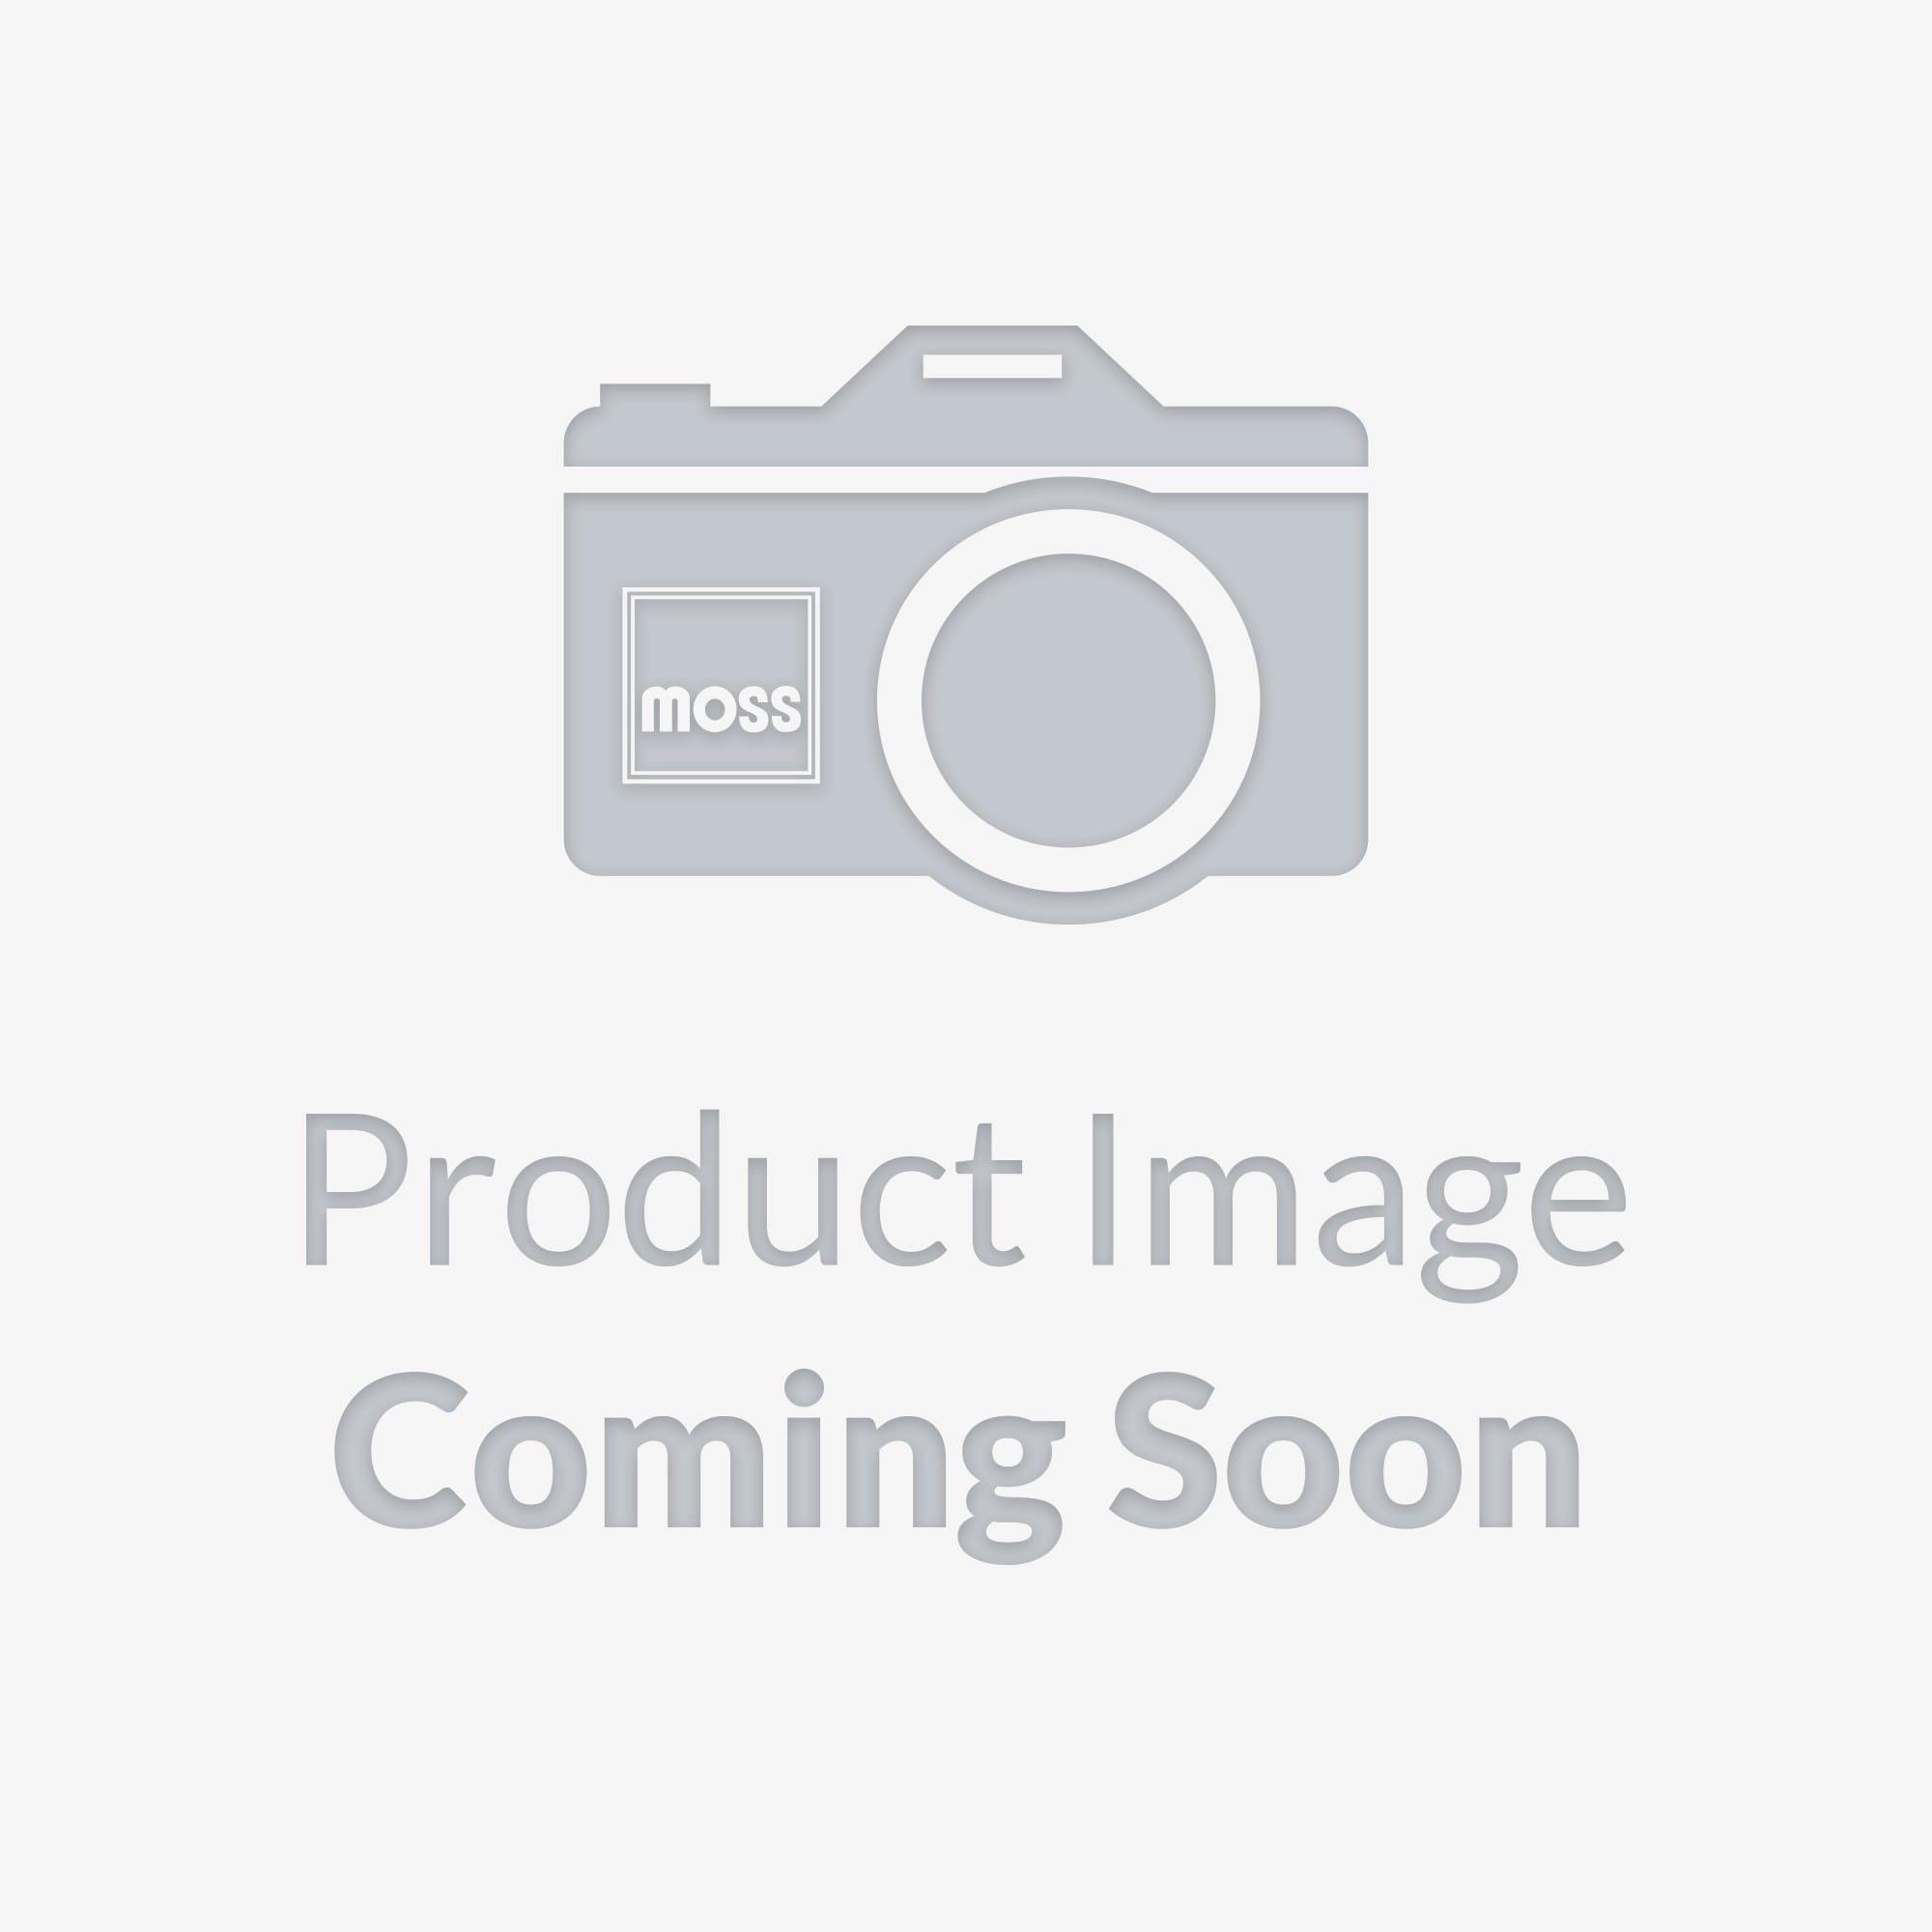 Mikuni Carburetor Conversion Kit - Carburetors - Fuel